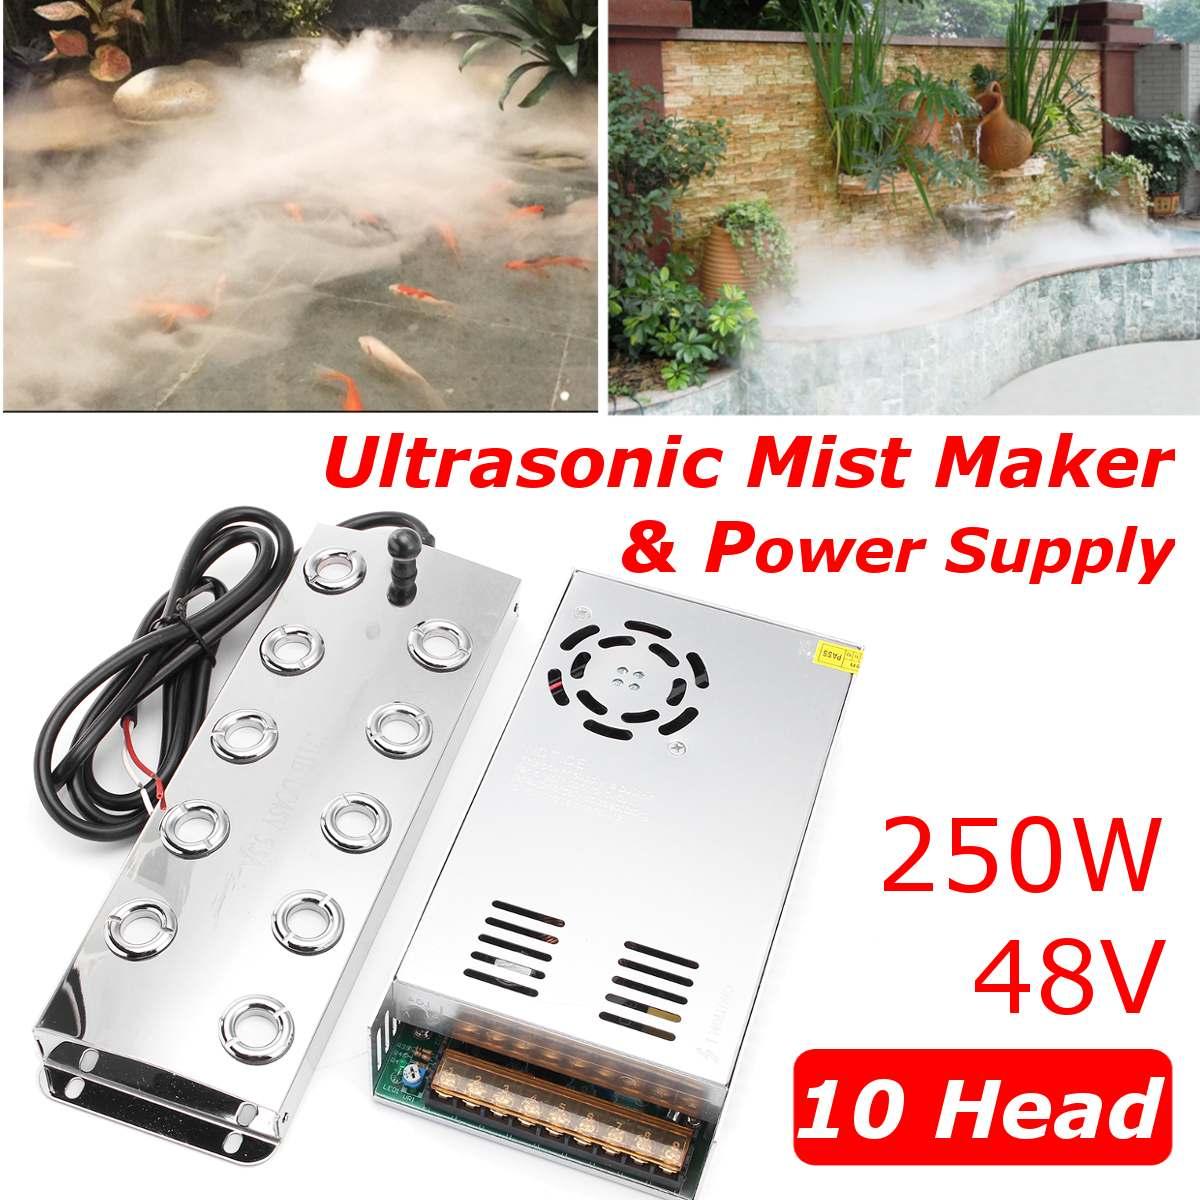 Date 5000 ML/H 10 Tête Ultrasons Mist Maker Fogger Humidificateur D'air En Acier Inoxydable À Effet de Serre Aeromist Hydroponique + Transformateur